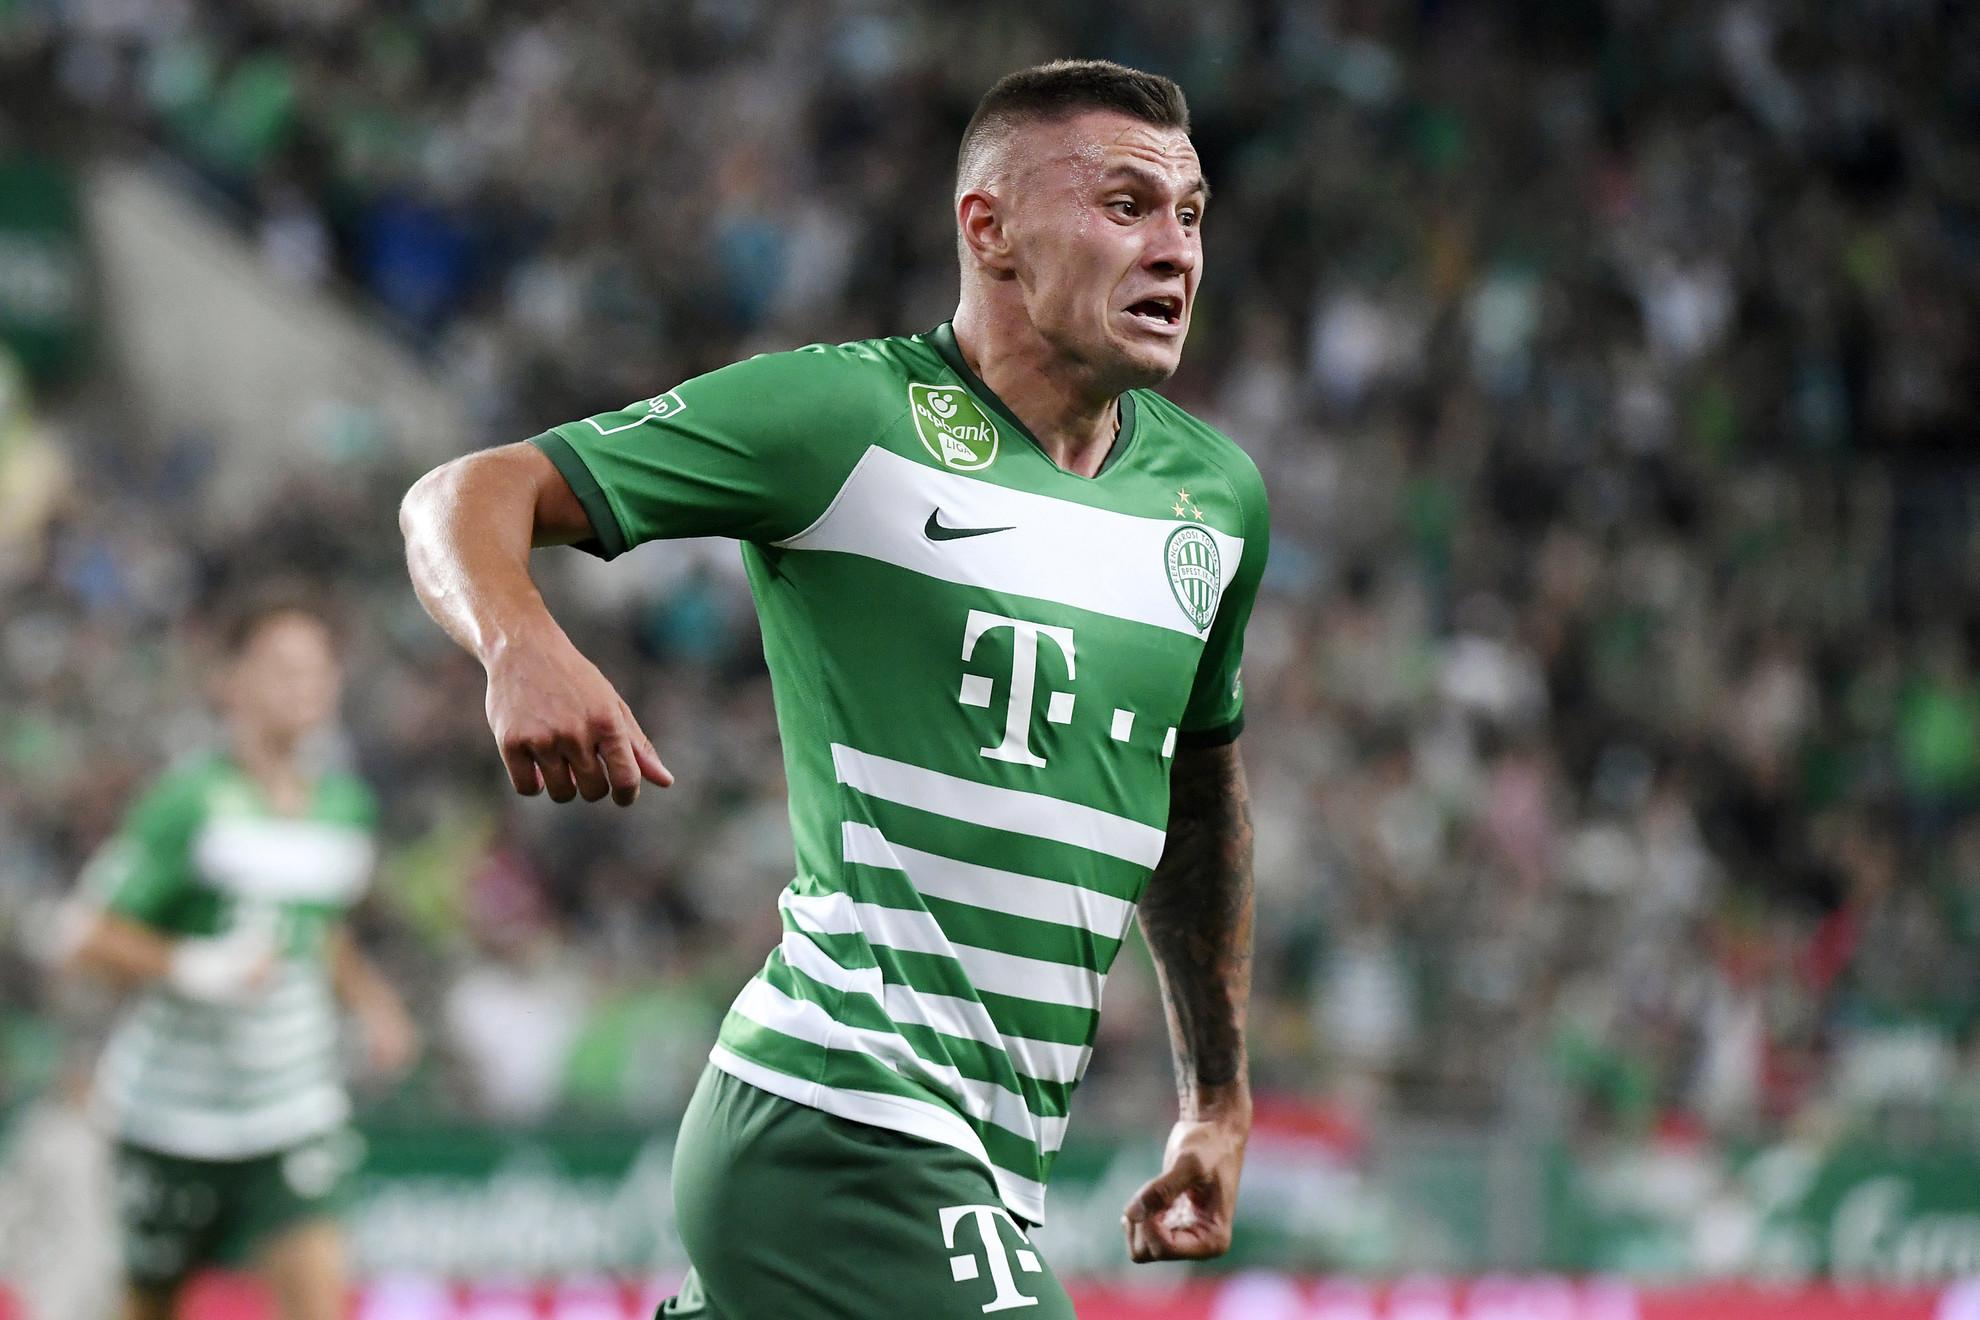 Zubkov szerezte a Ferencváros második gólját